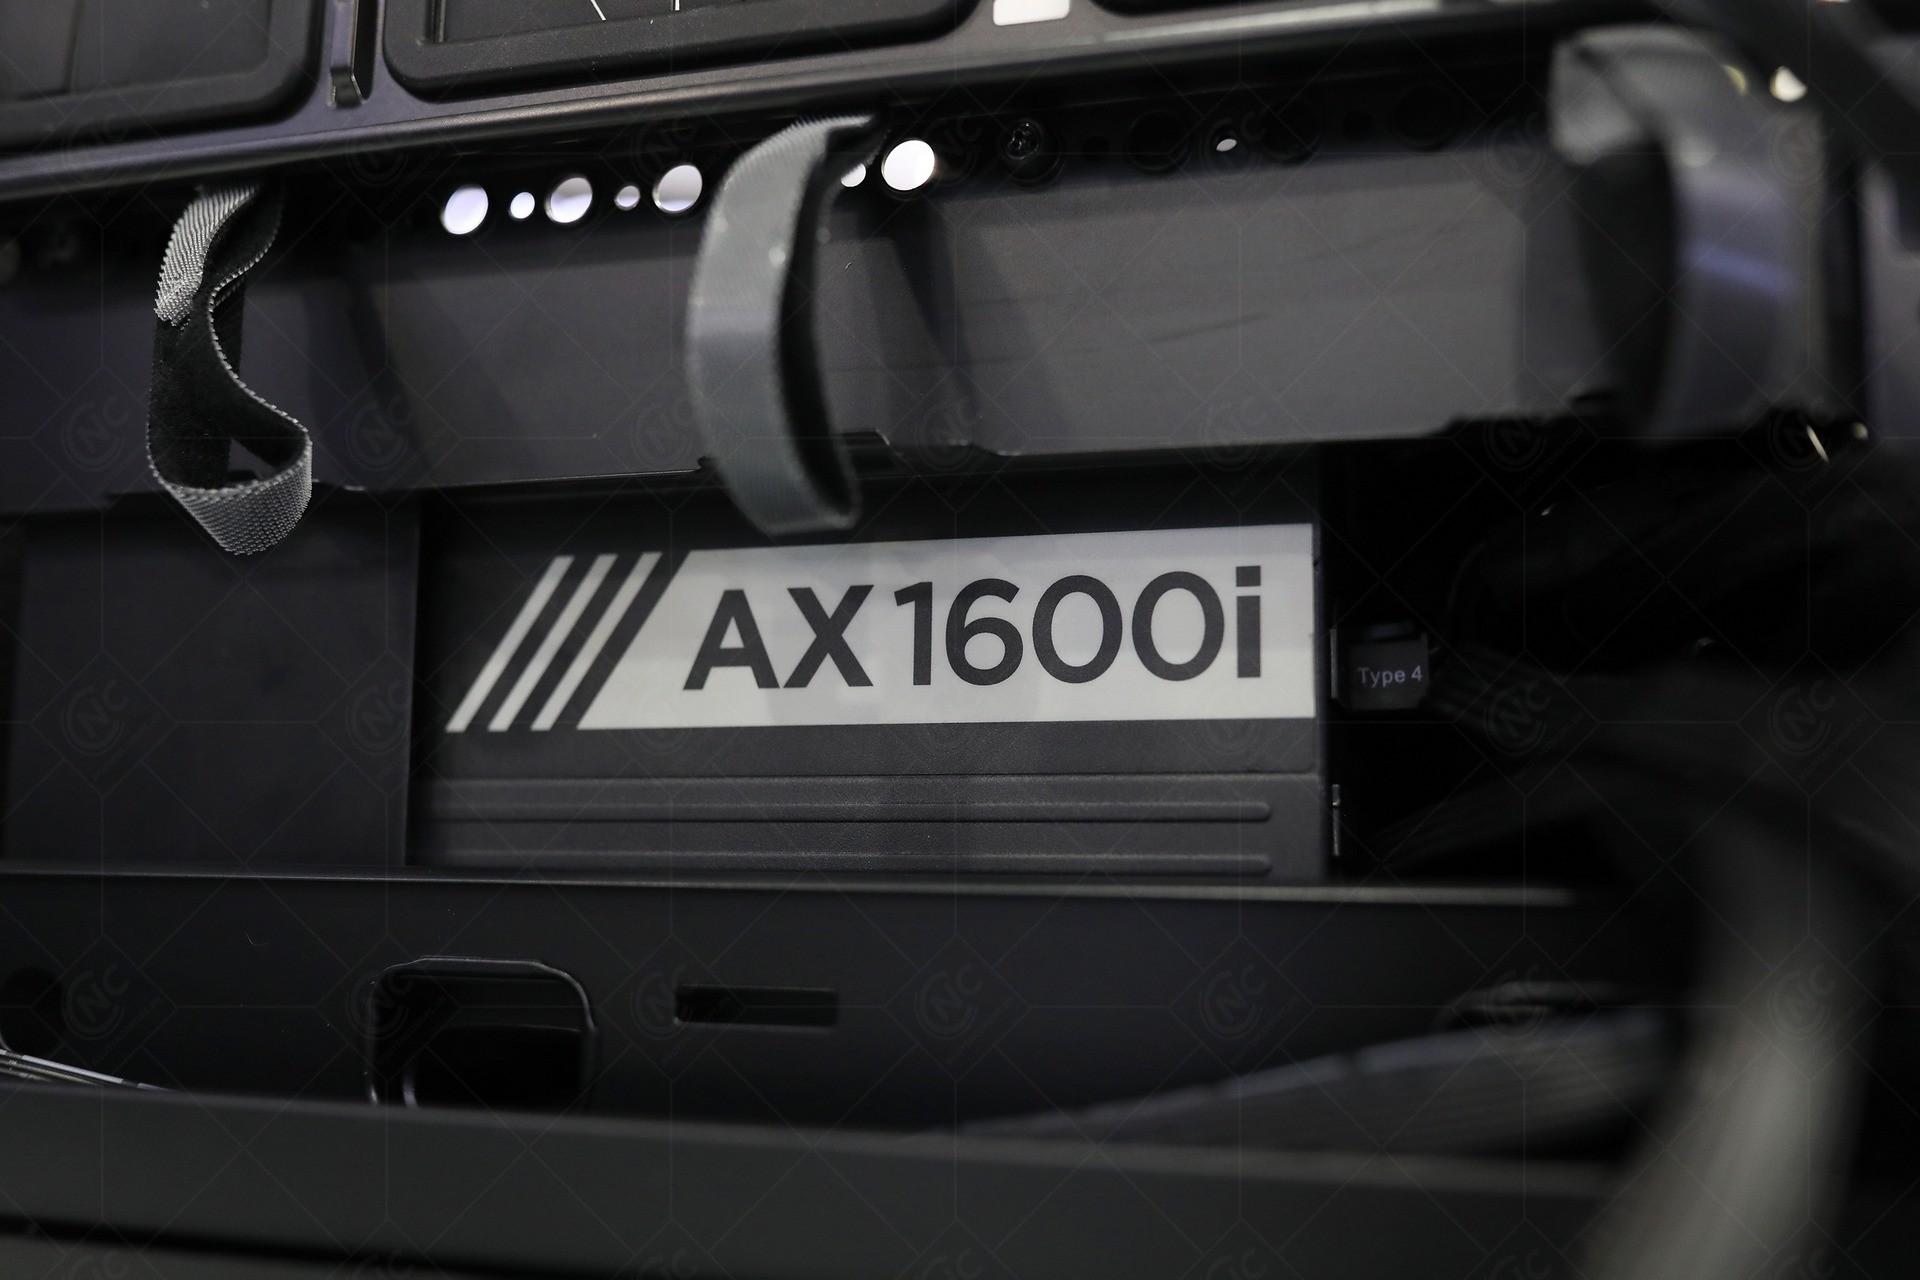 PSU Corsair AX1600i - 1600W 80 Plus Titanium